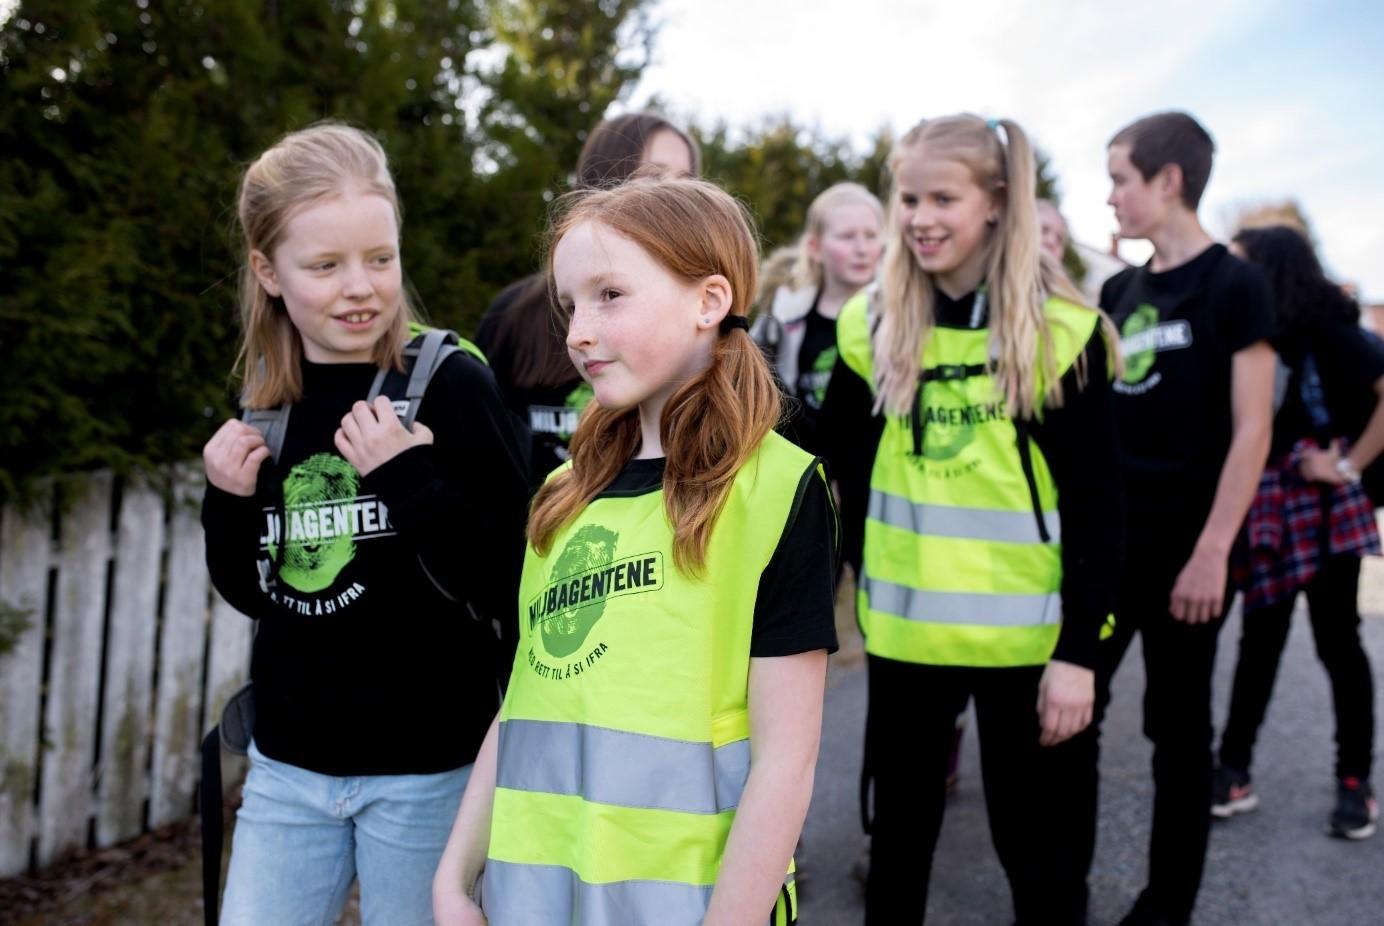 Beintøft - Miljøagentene gå til skolen aksjon